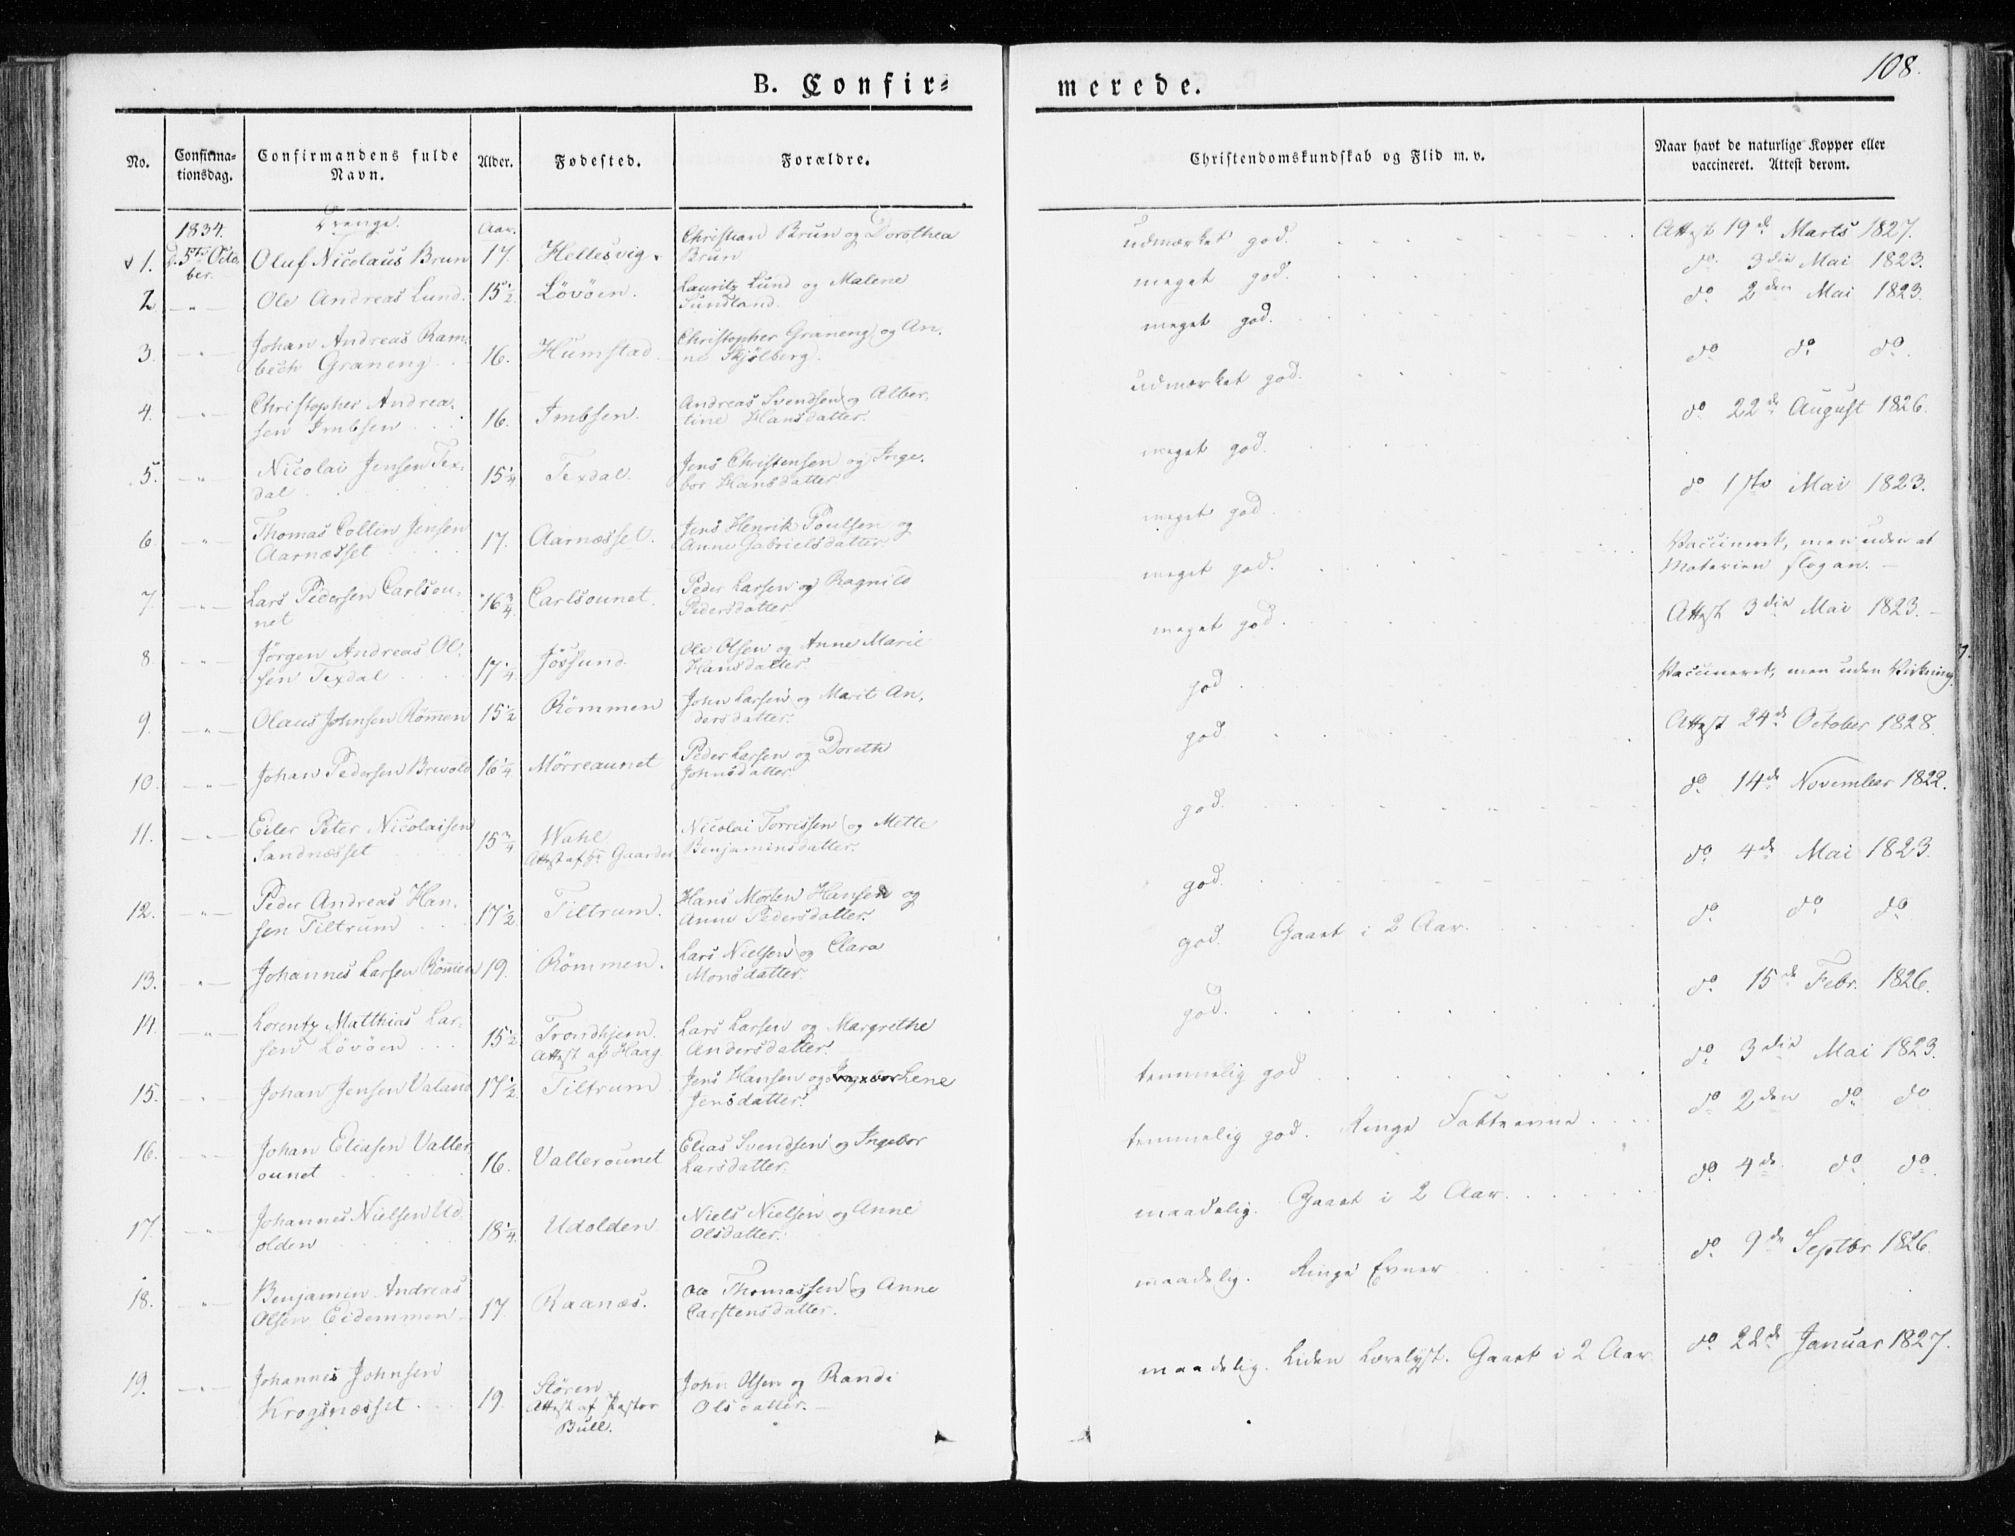 SAT, Ministerialprotokoller, klokkerbøker og fødselsregistre - Sør-Trøndelag, 655/L0676: Ministerialbok nr. 655A05, 1830-1847, s. 108